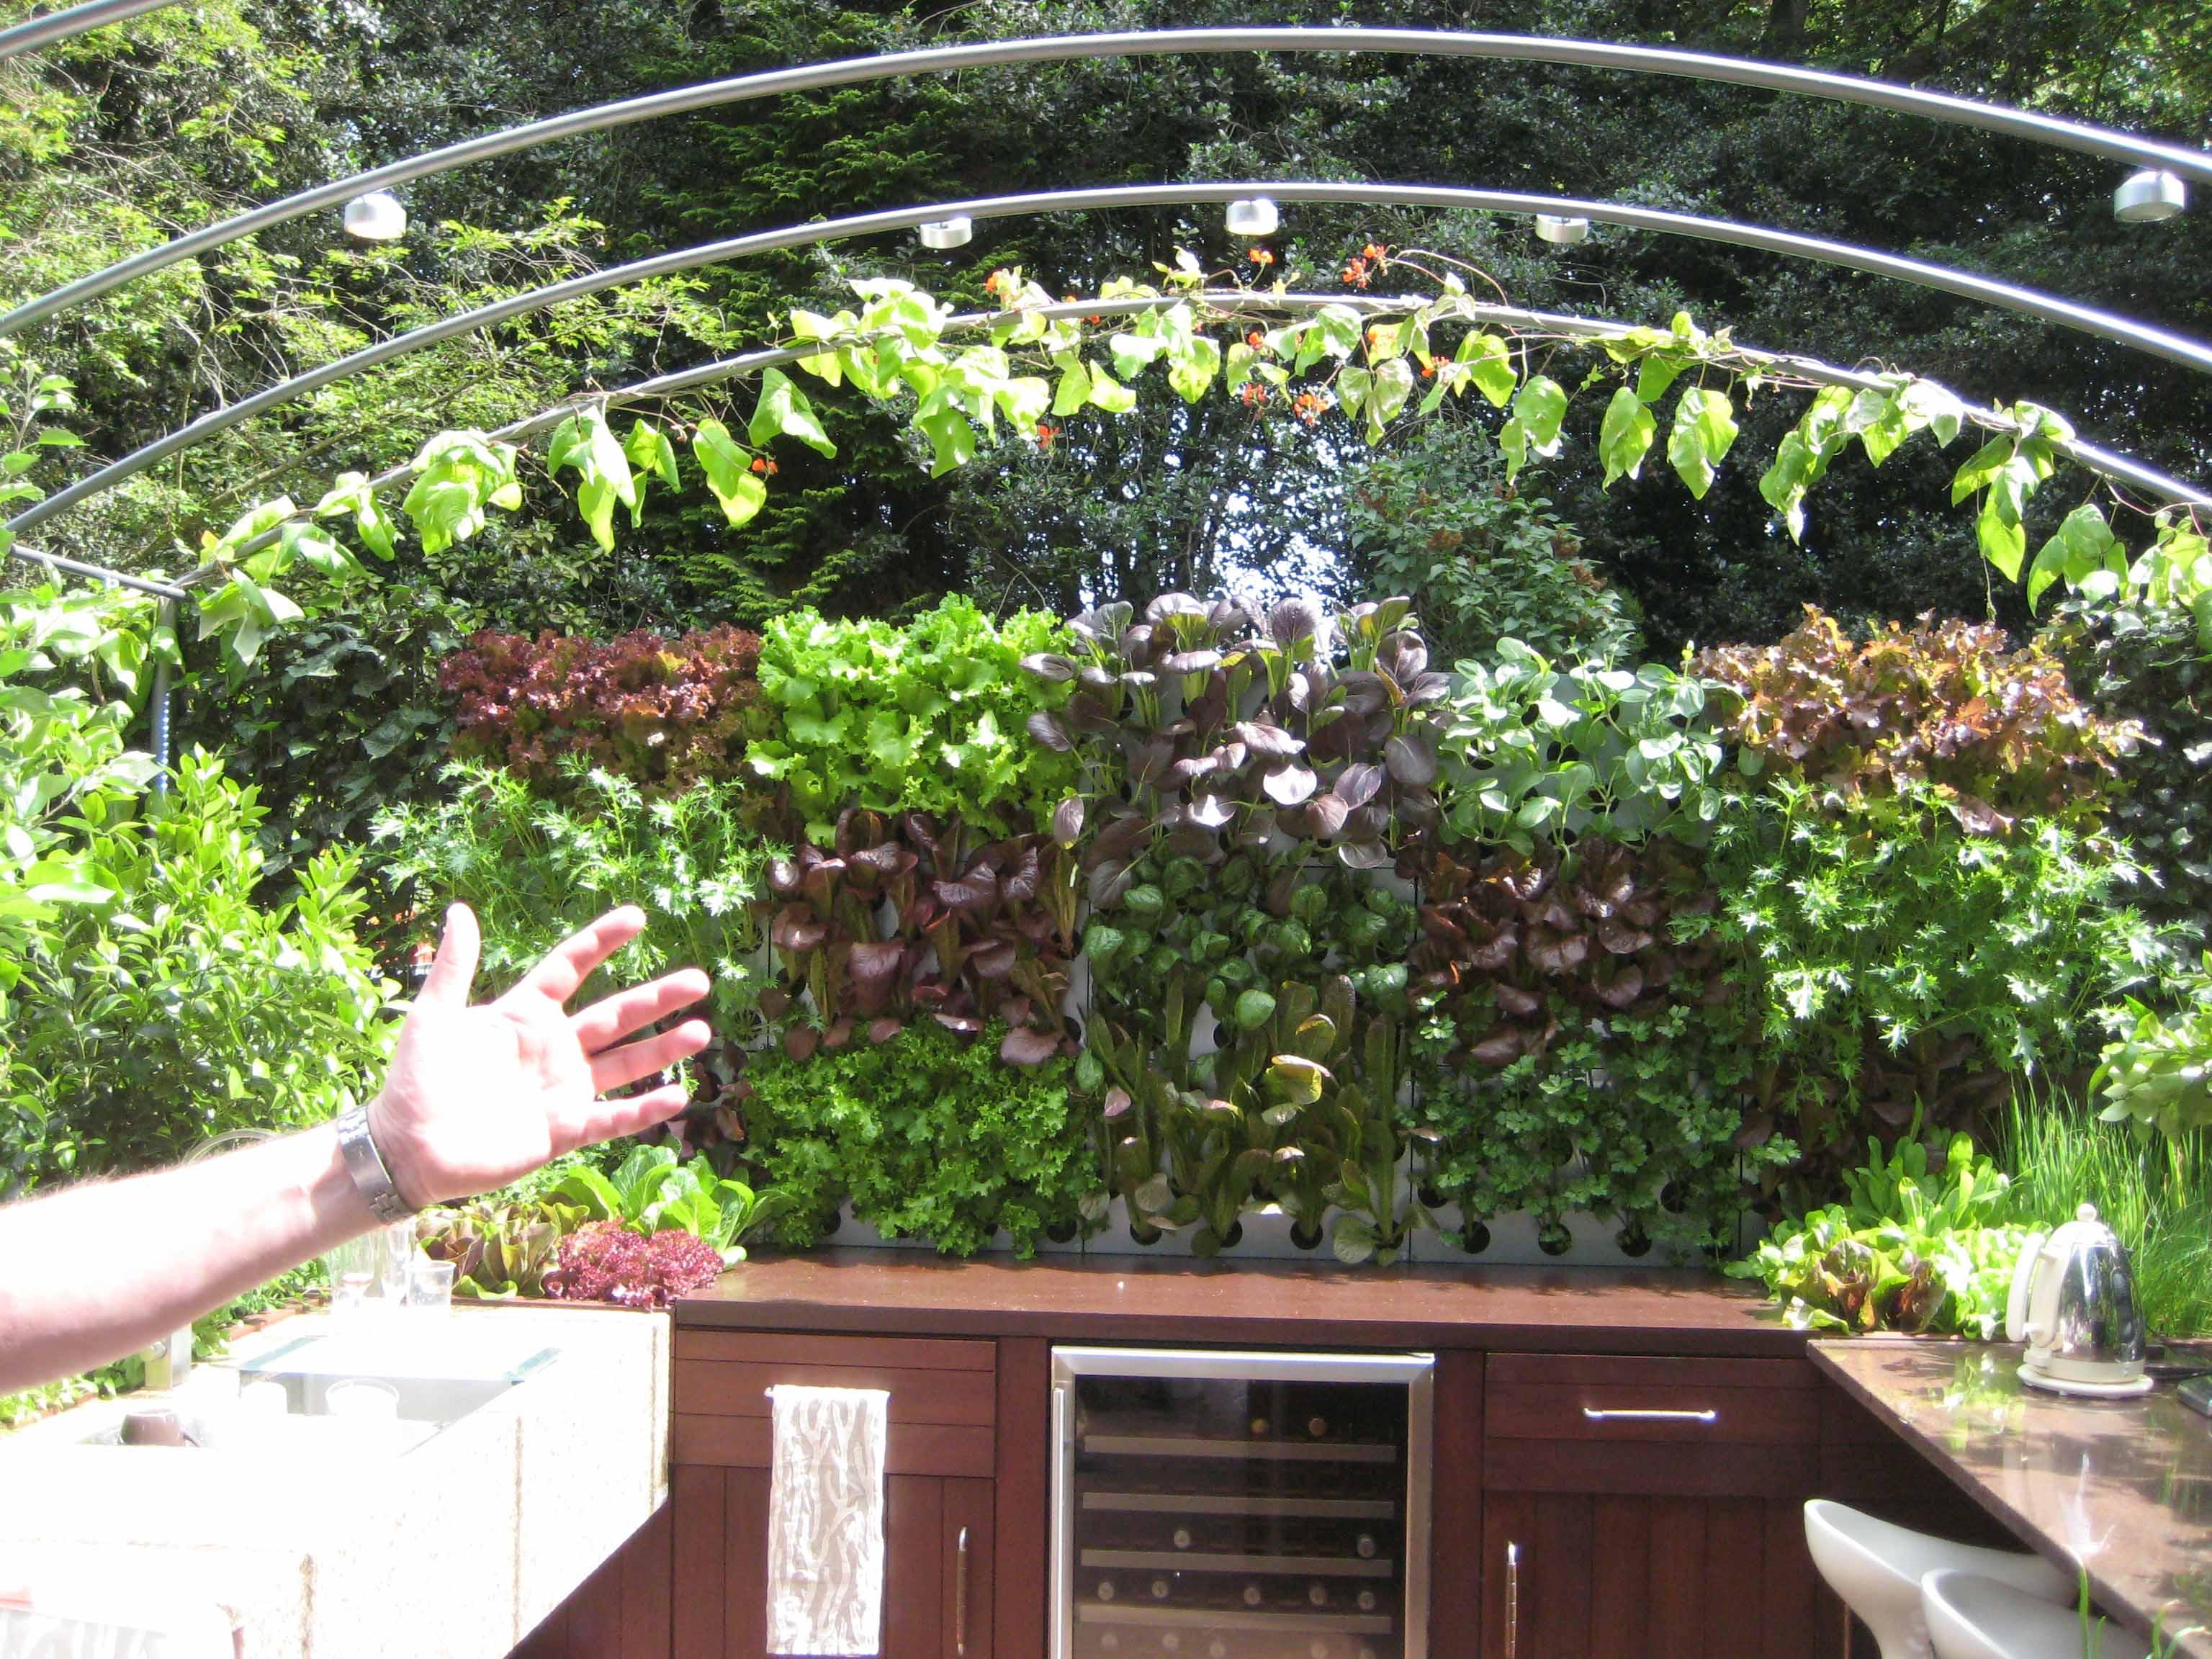 Progettare un giardino fai da te - Progettare giardino di casa ...